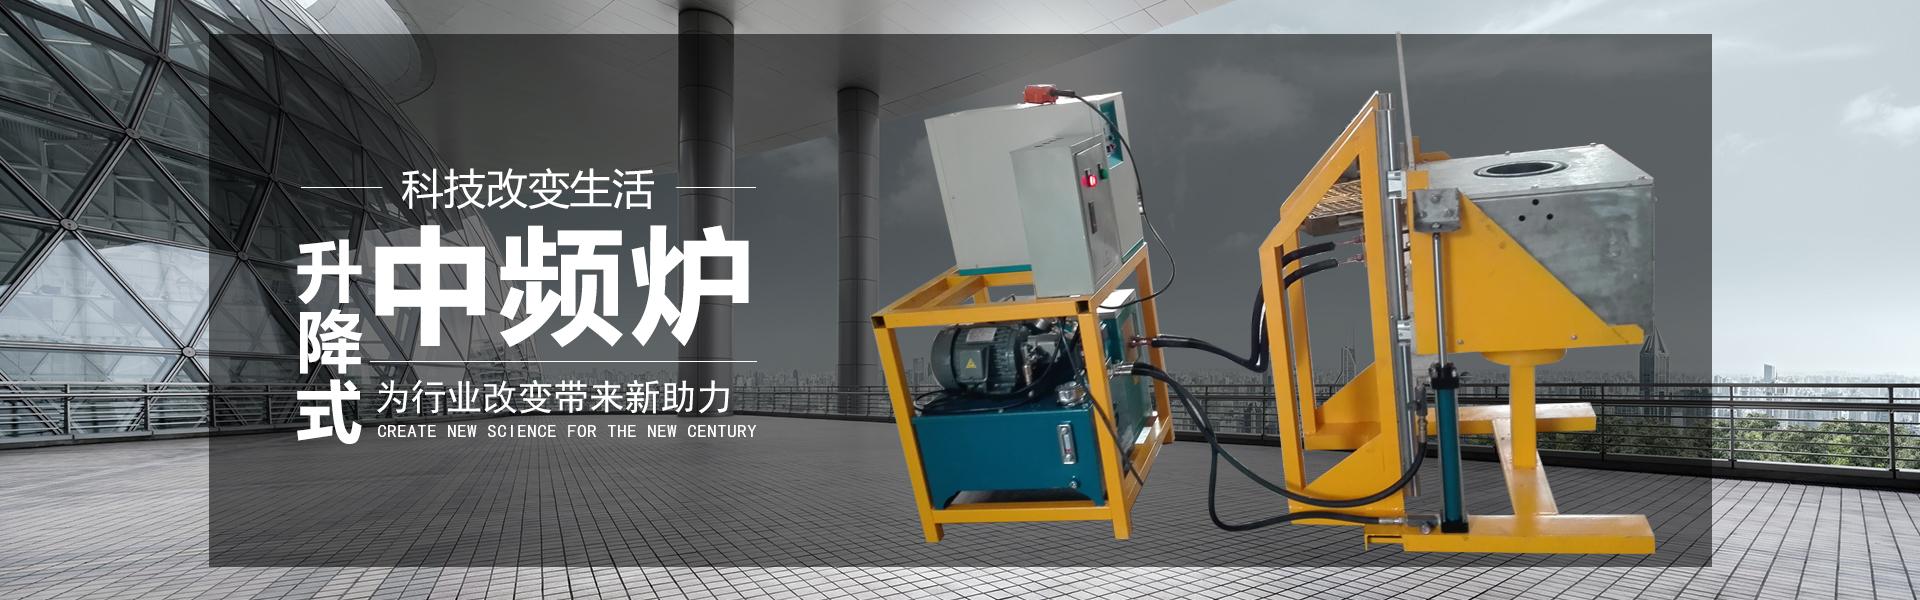 肇慶市鑫豐科技有限公司是一家以生產升降式中頻爐為主的科技公司。